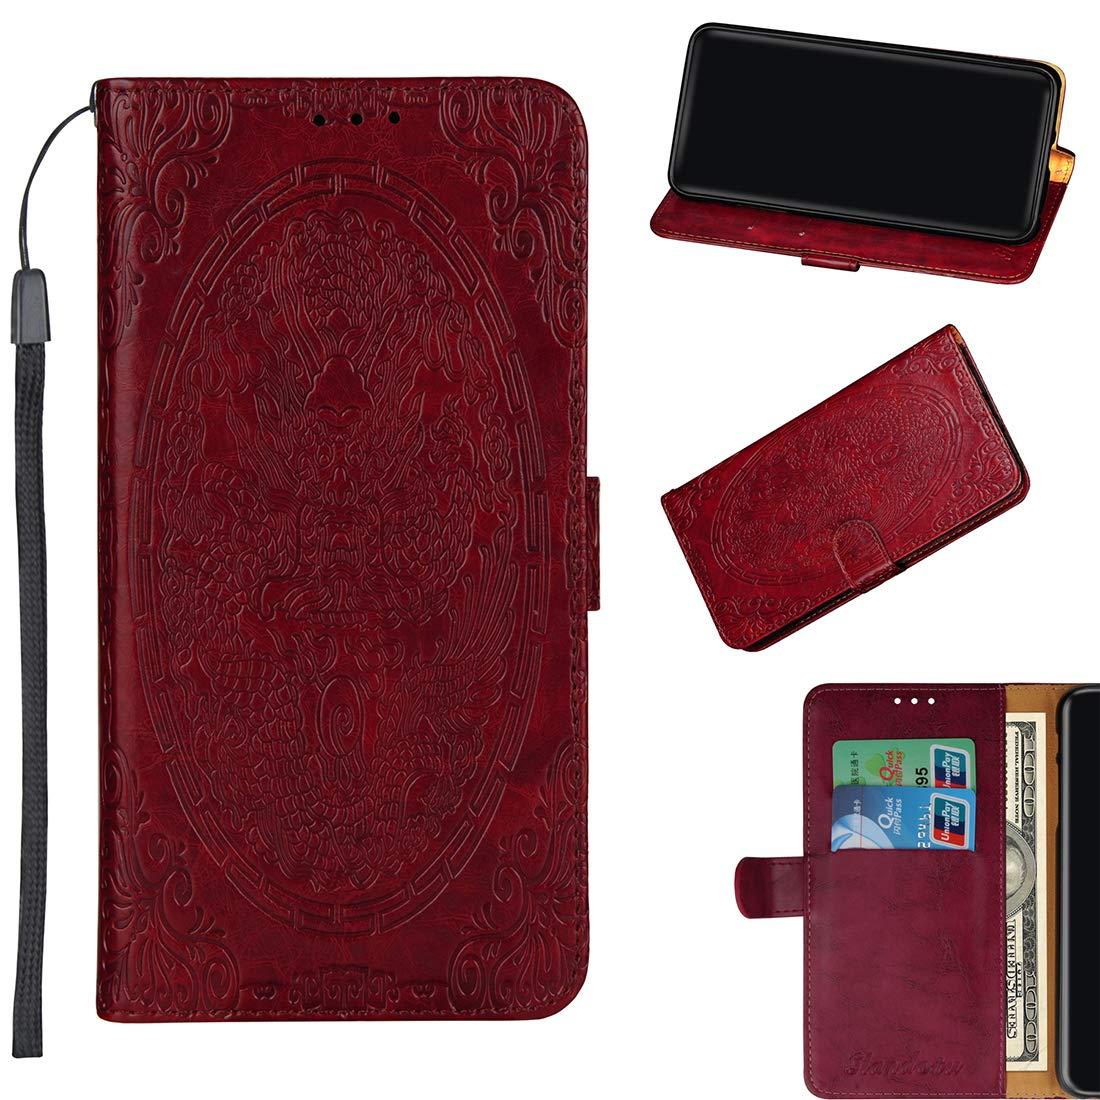 Lyzwn Coque Huawei Honor 7X Housse en Cuir PU Flip Coque Etui Wallet Case avec Support Cartes Slots Fermeture Aimantée pour Huawei Honor 7X Motif